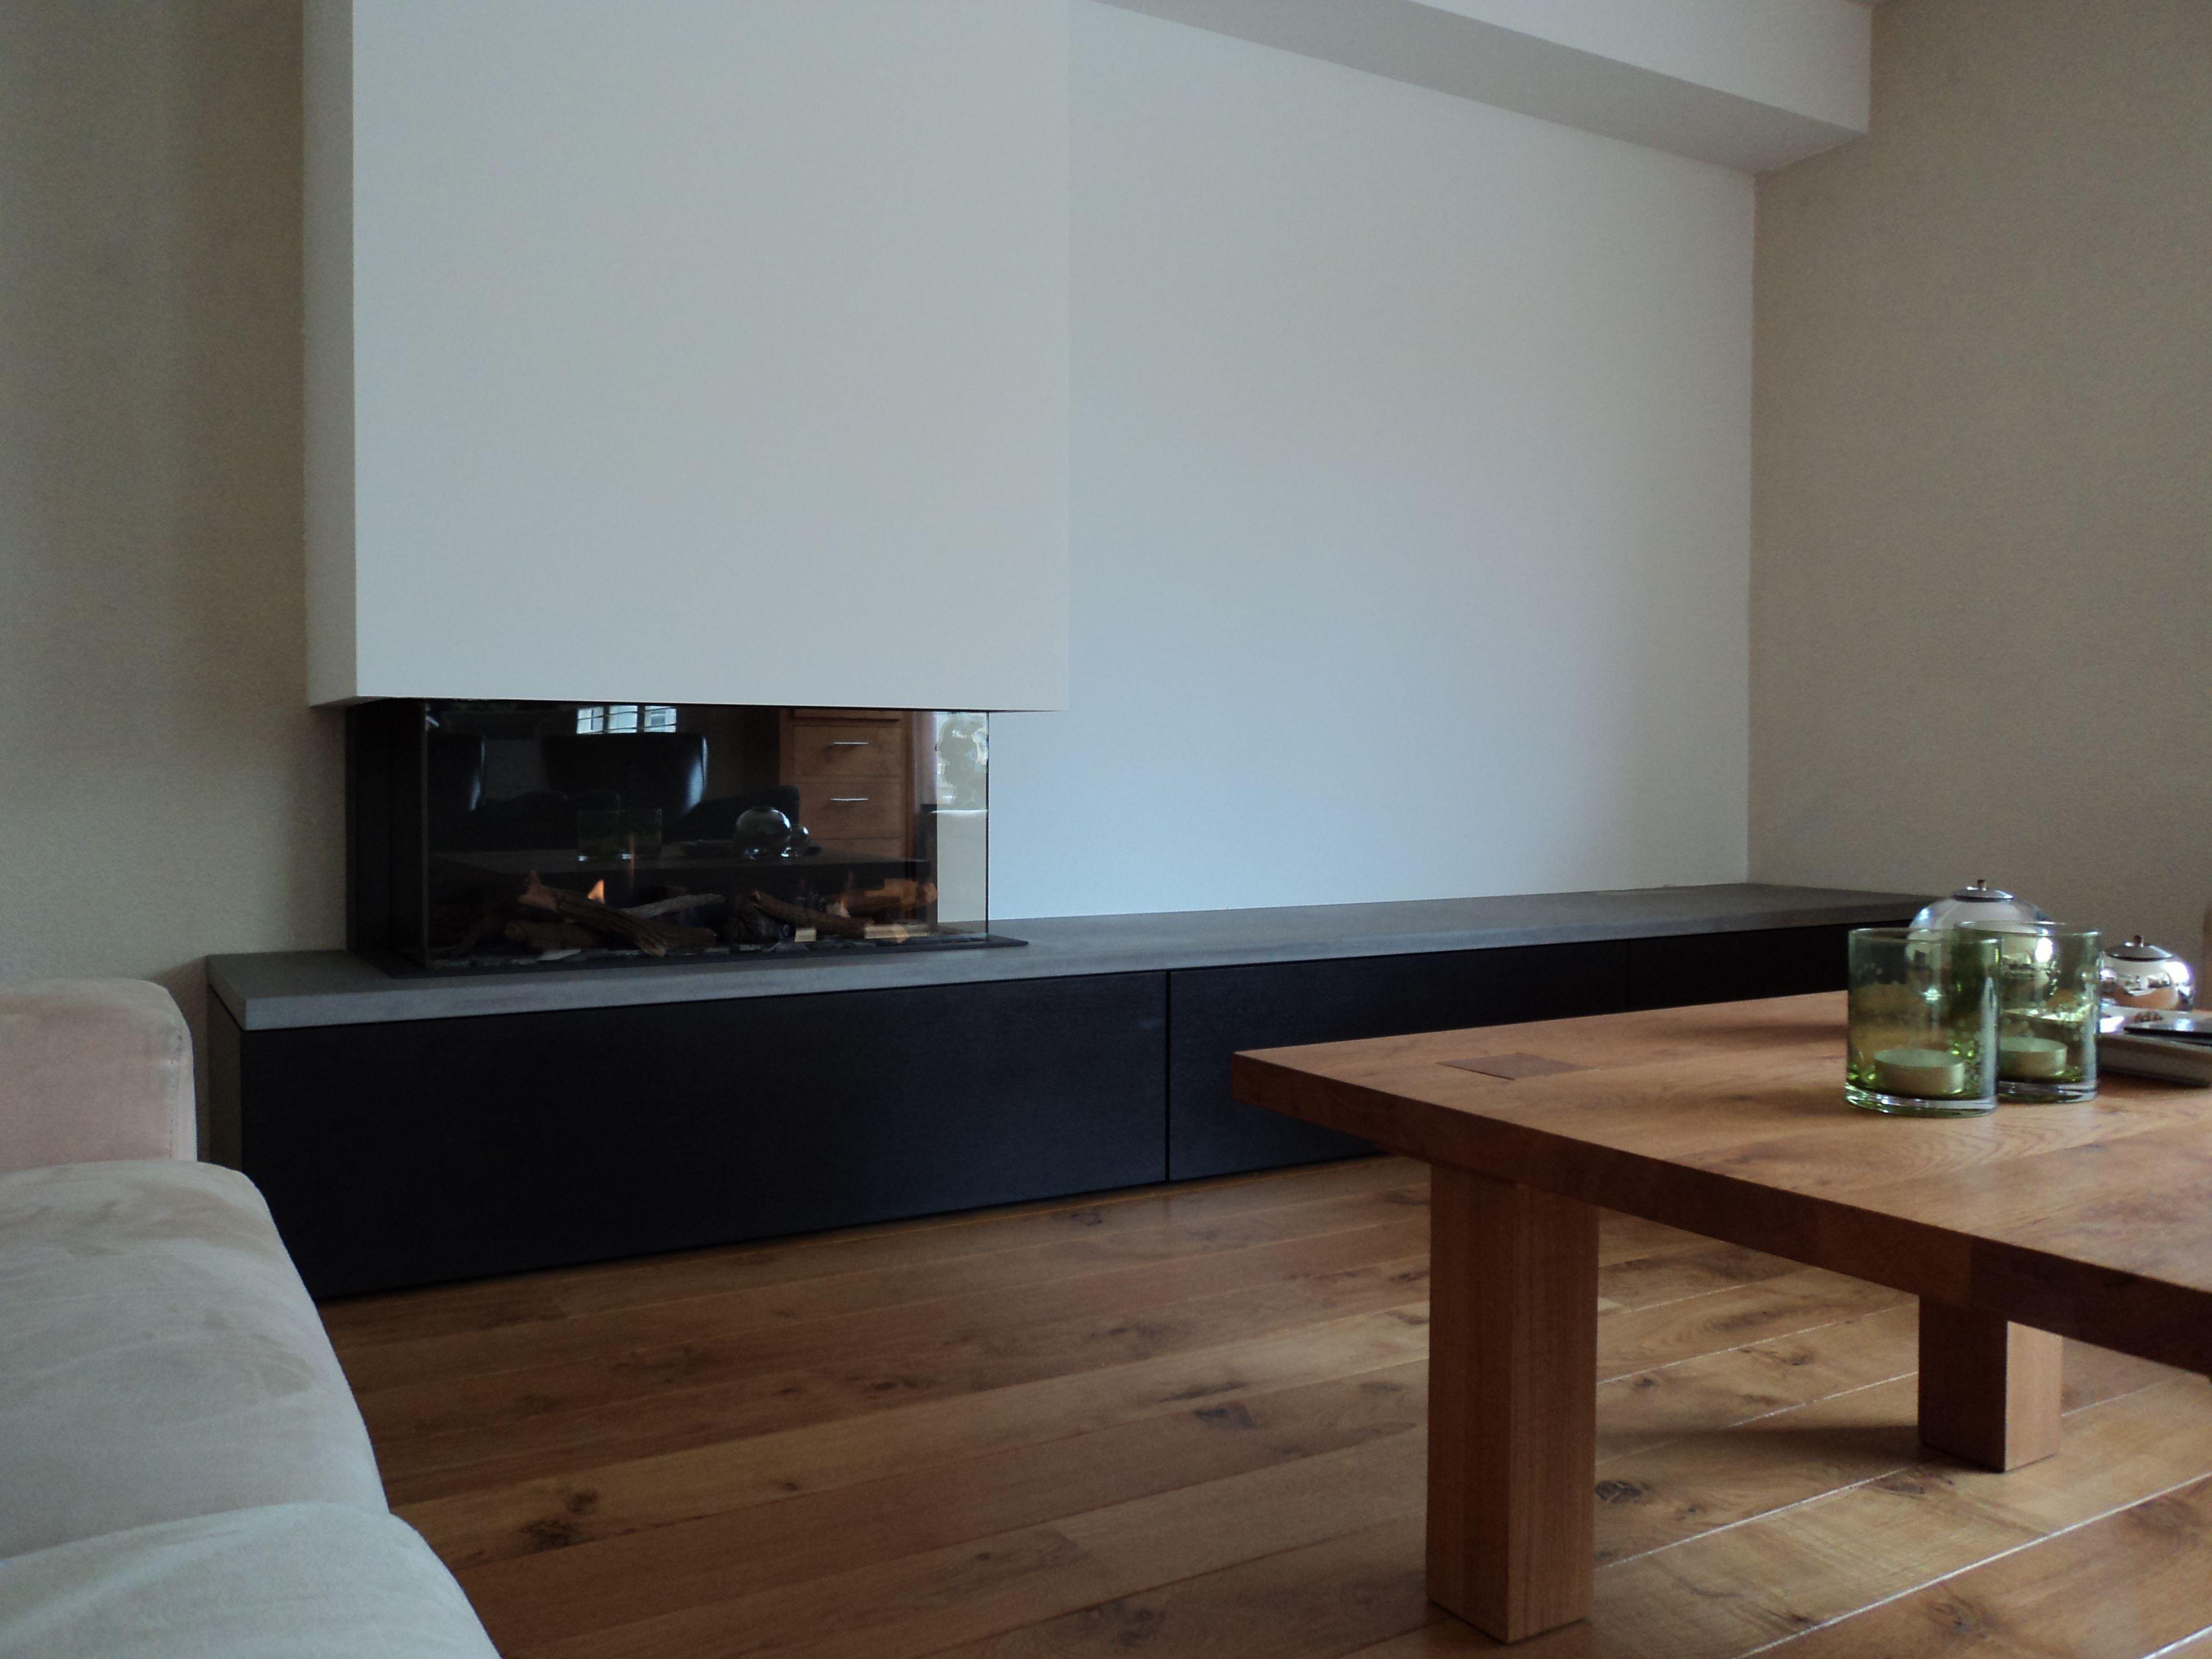 gesloten gashaard met meubel en betonnen blad haarden met